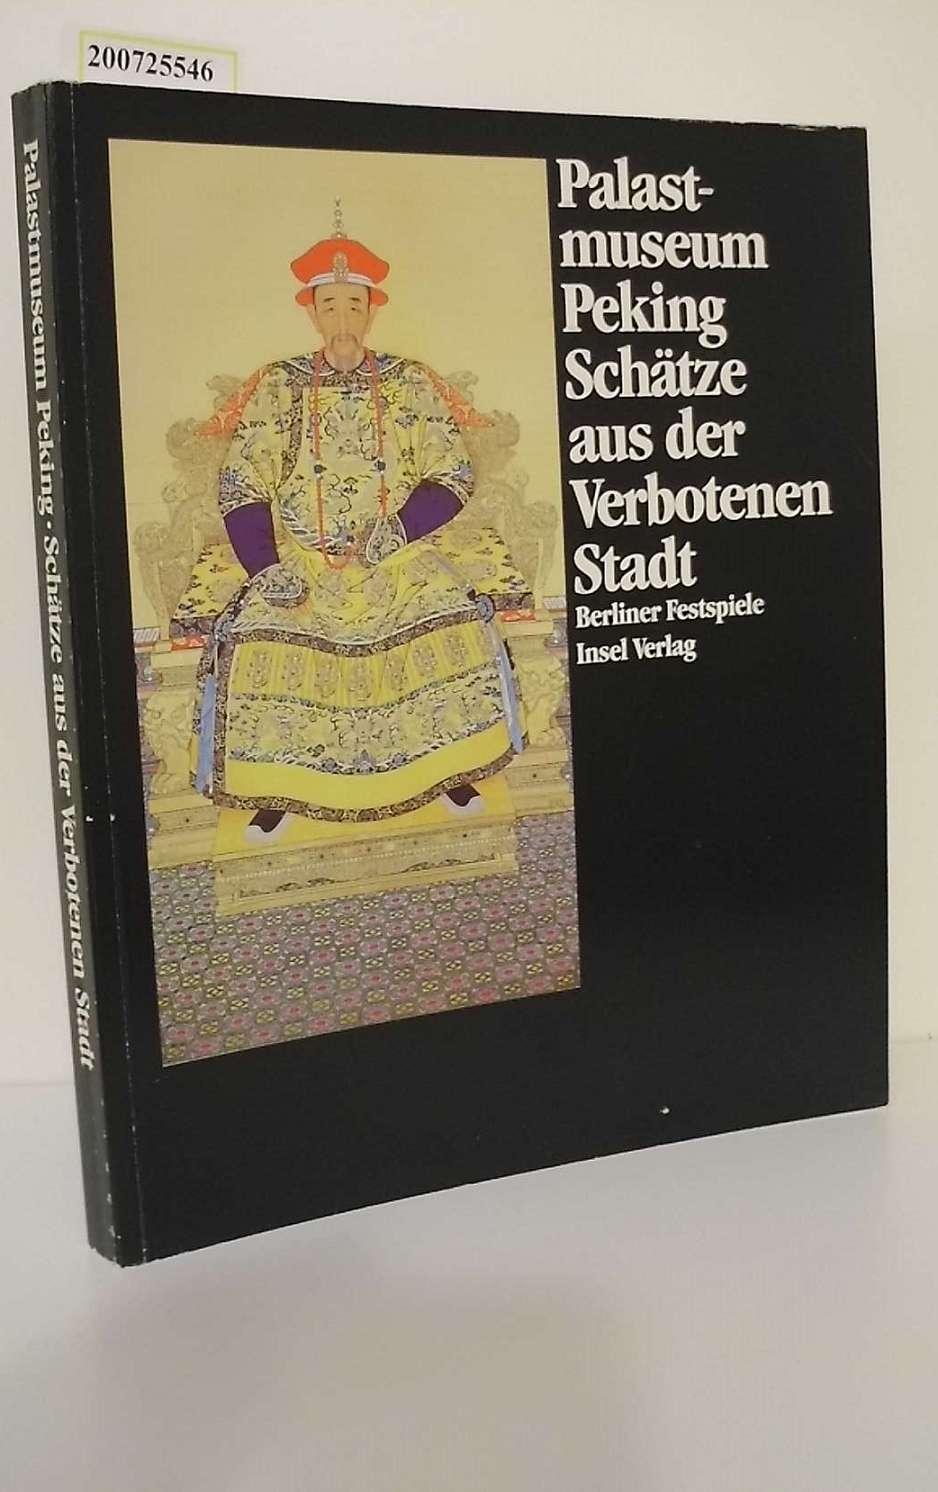 Palastmuseum Peking, Schätze aus der Verbotenen Stadt : [12. Mai - 18. August 1985 ; e. Ausstellung d. 3. Festivals d. Weltkulturen, Horizonte